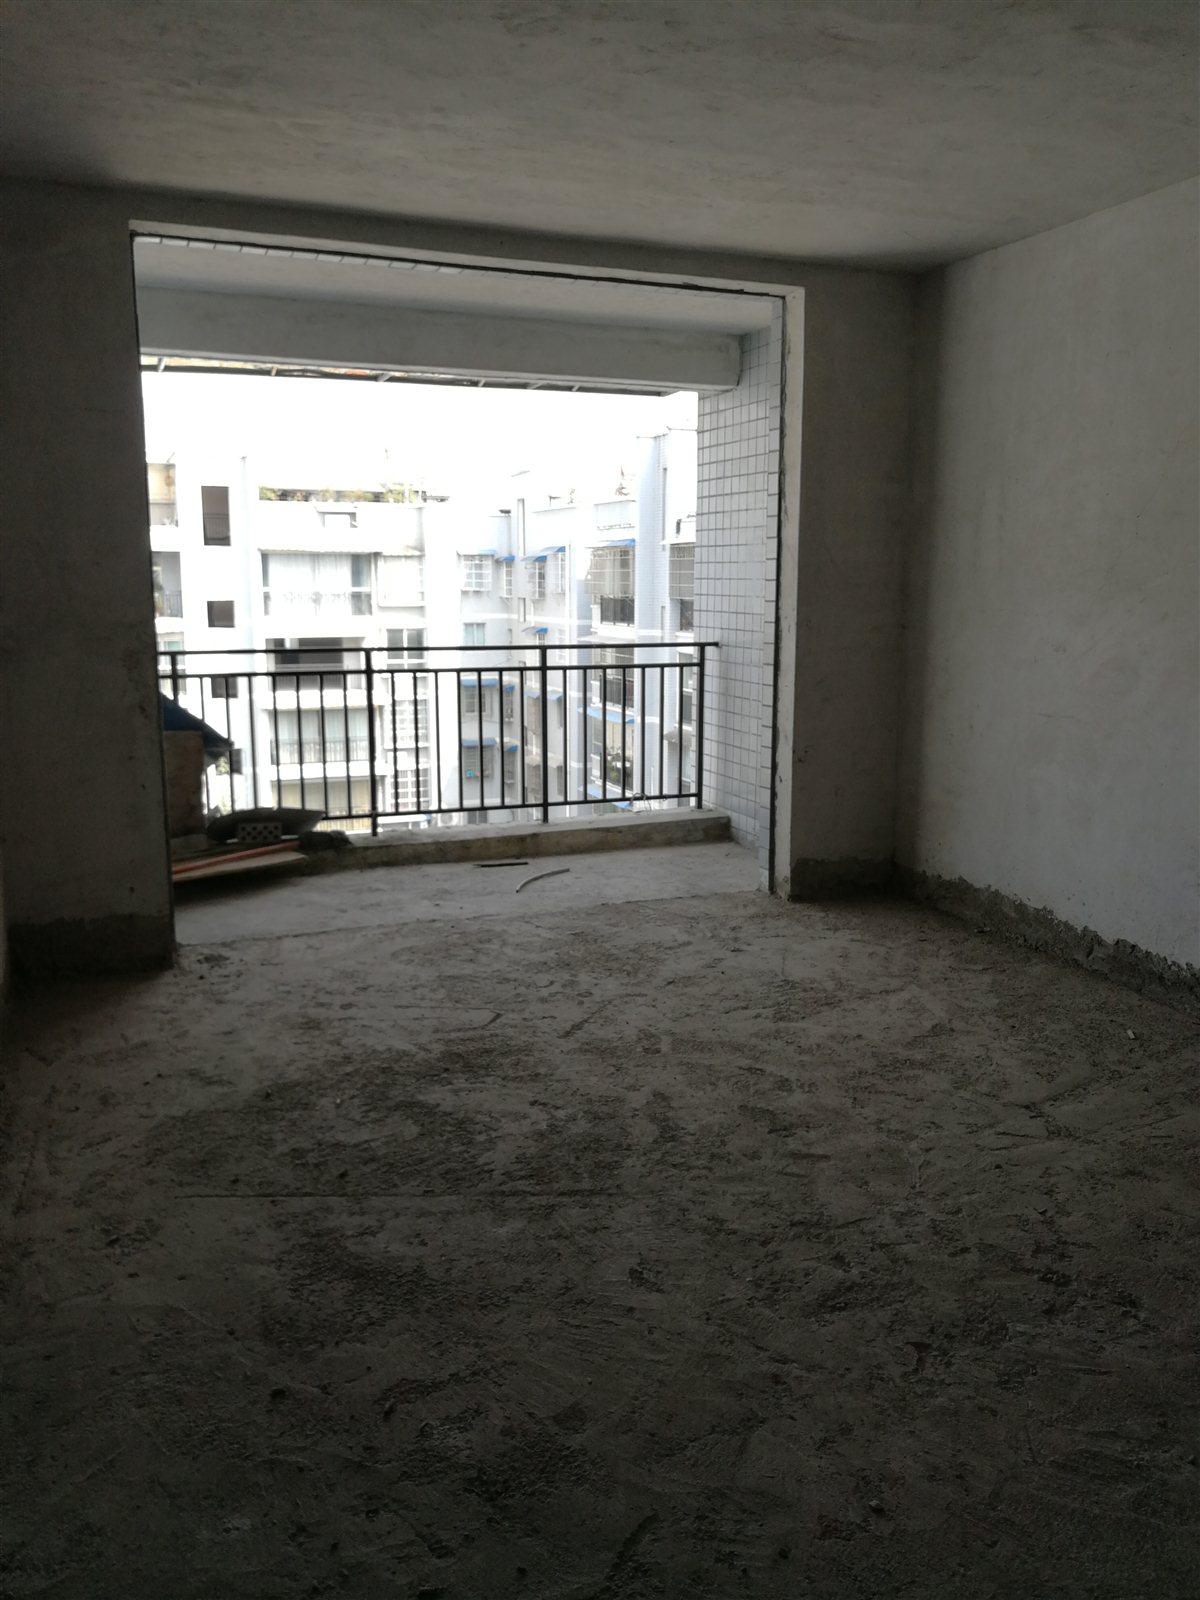 龙泉镇飞雪街新世纪商贸城5室 2厅 3卫38万元